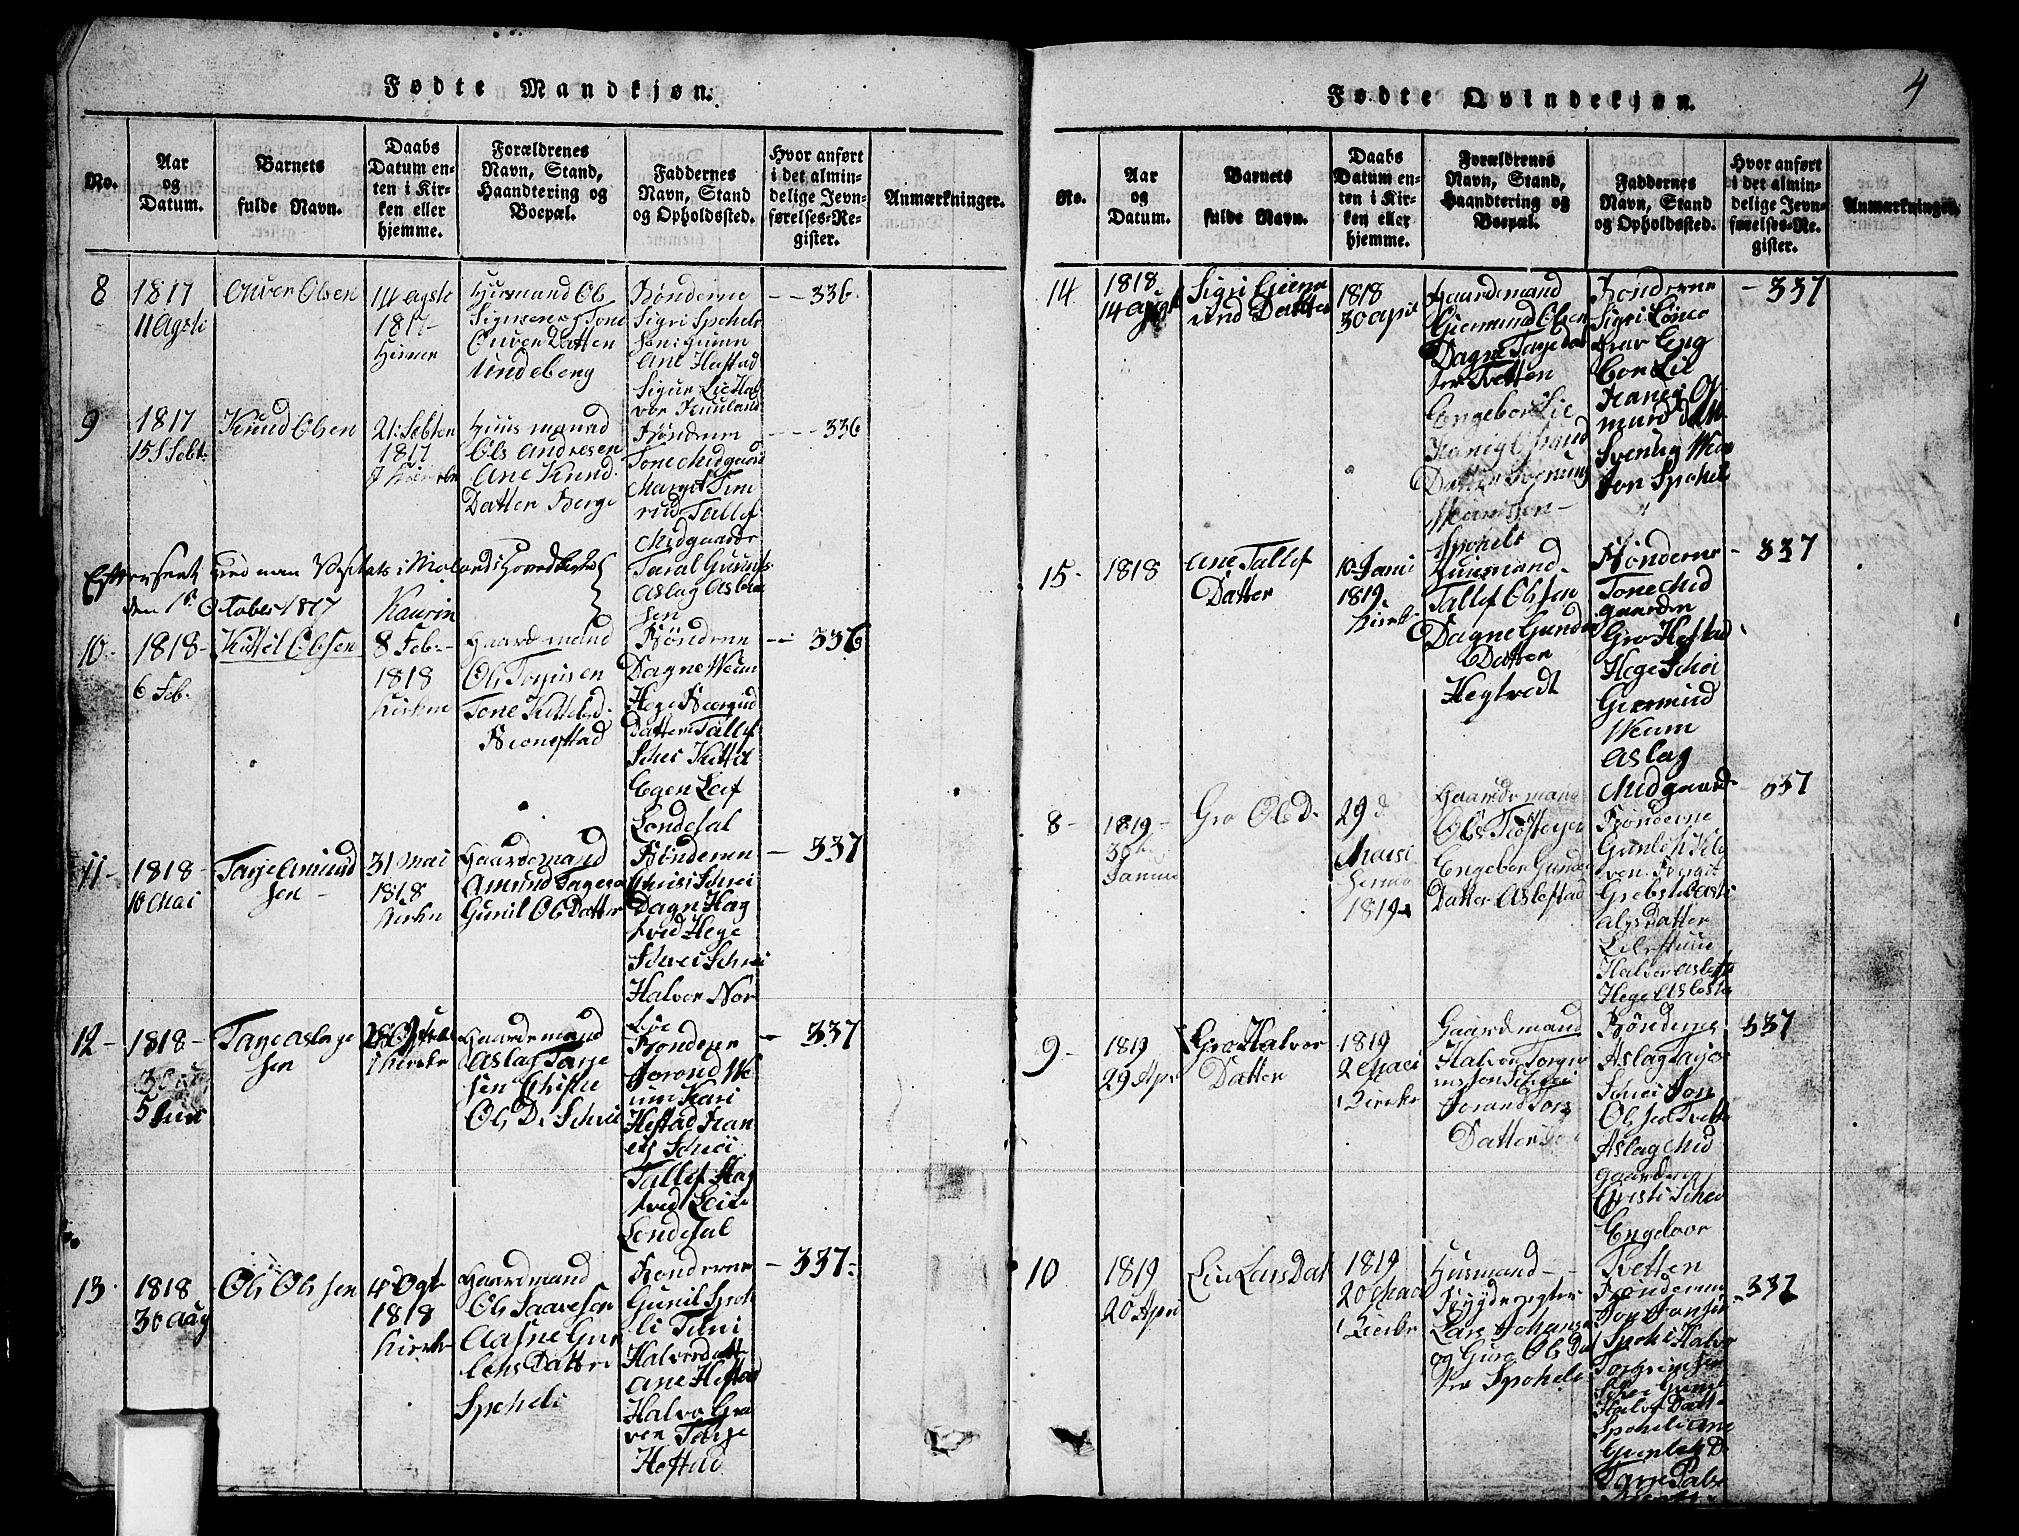 SAKO, Fyresdal kirkebøker, G/Ga/L0003: Klokkerbok nr. I 3, 1815-1863, s. 4